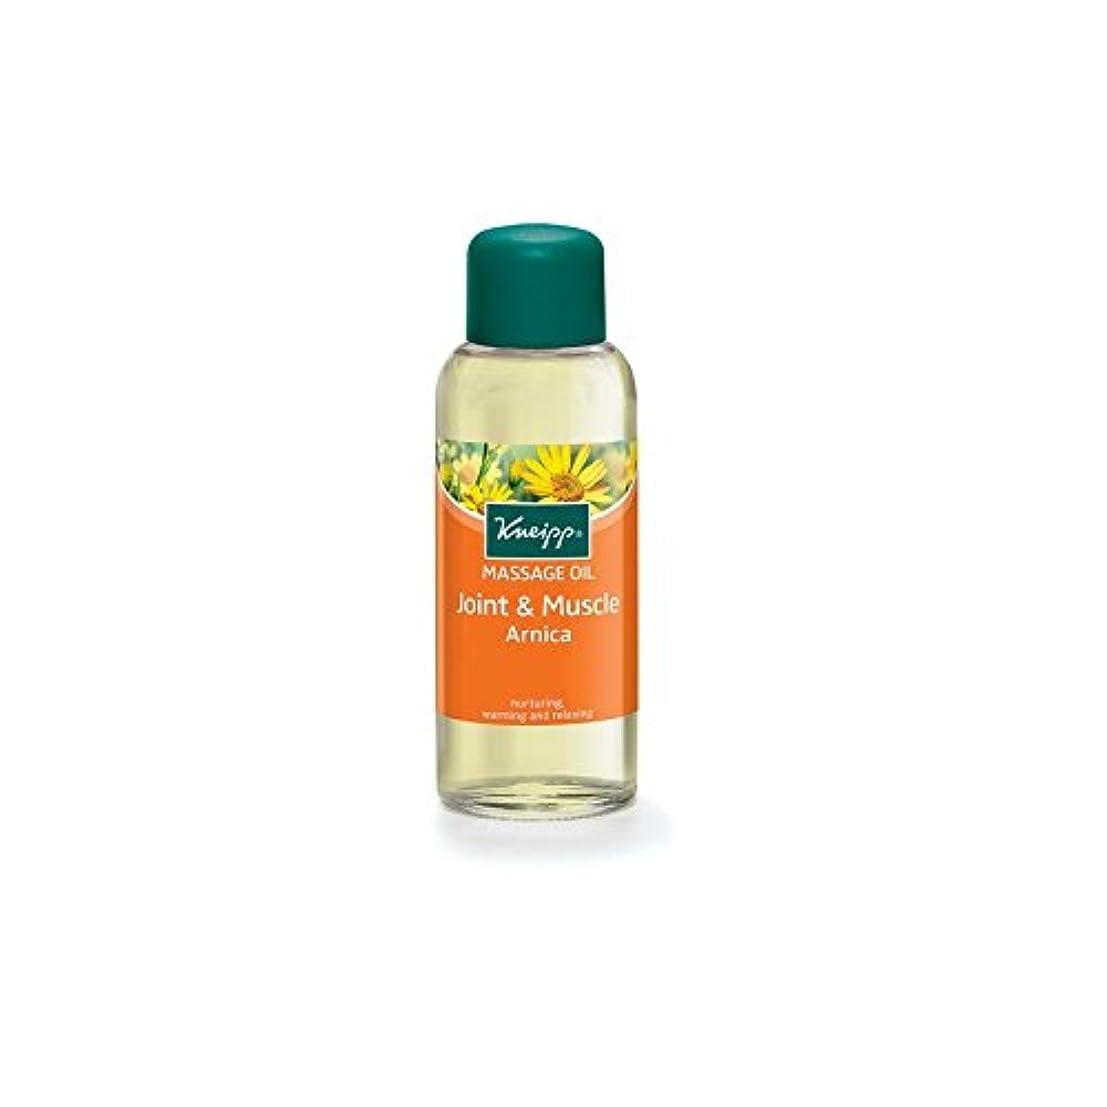 薬抜け目のないビームKneipp Joint and Muscle Arnica Massage Oil (100ml) (Pack of 6) - クナイプの関節や筋肉アルニカマッサージオイル(100ミリリットル) x6 [並行輸入品]